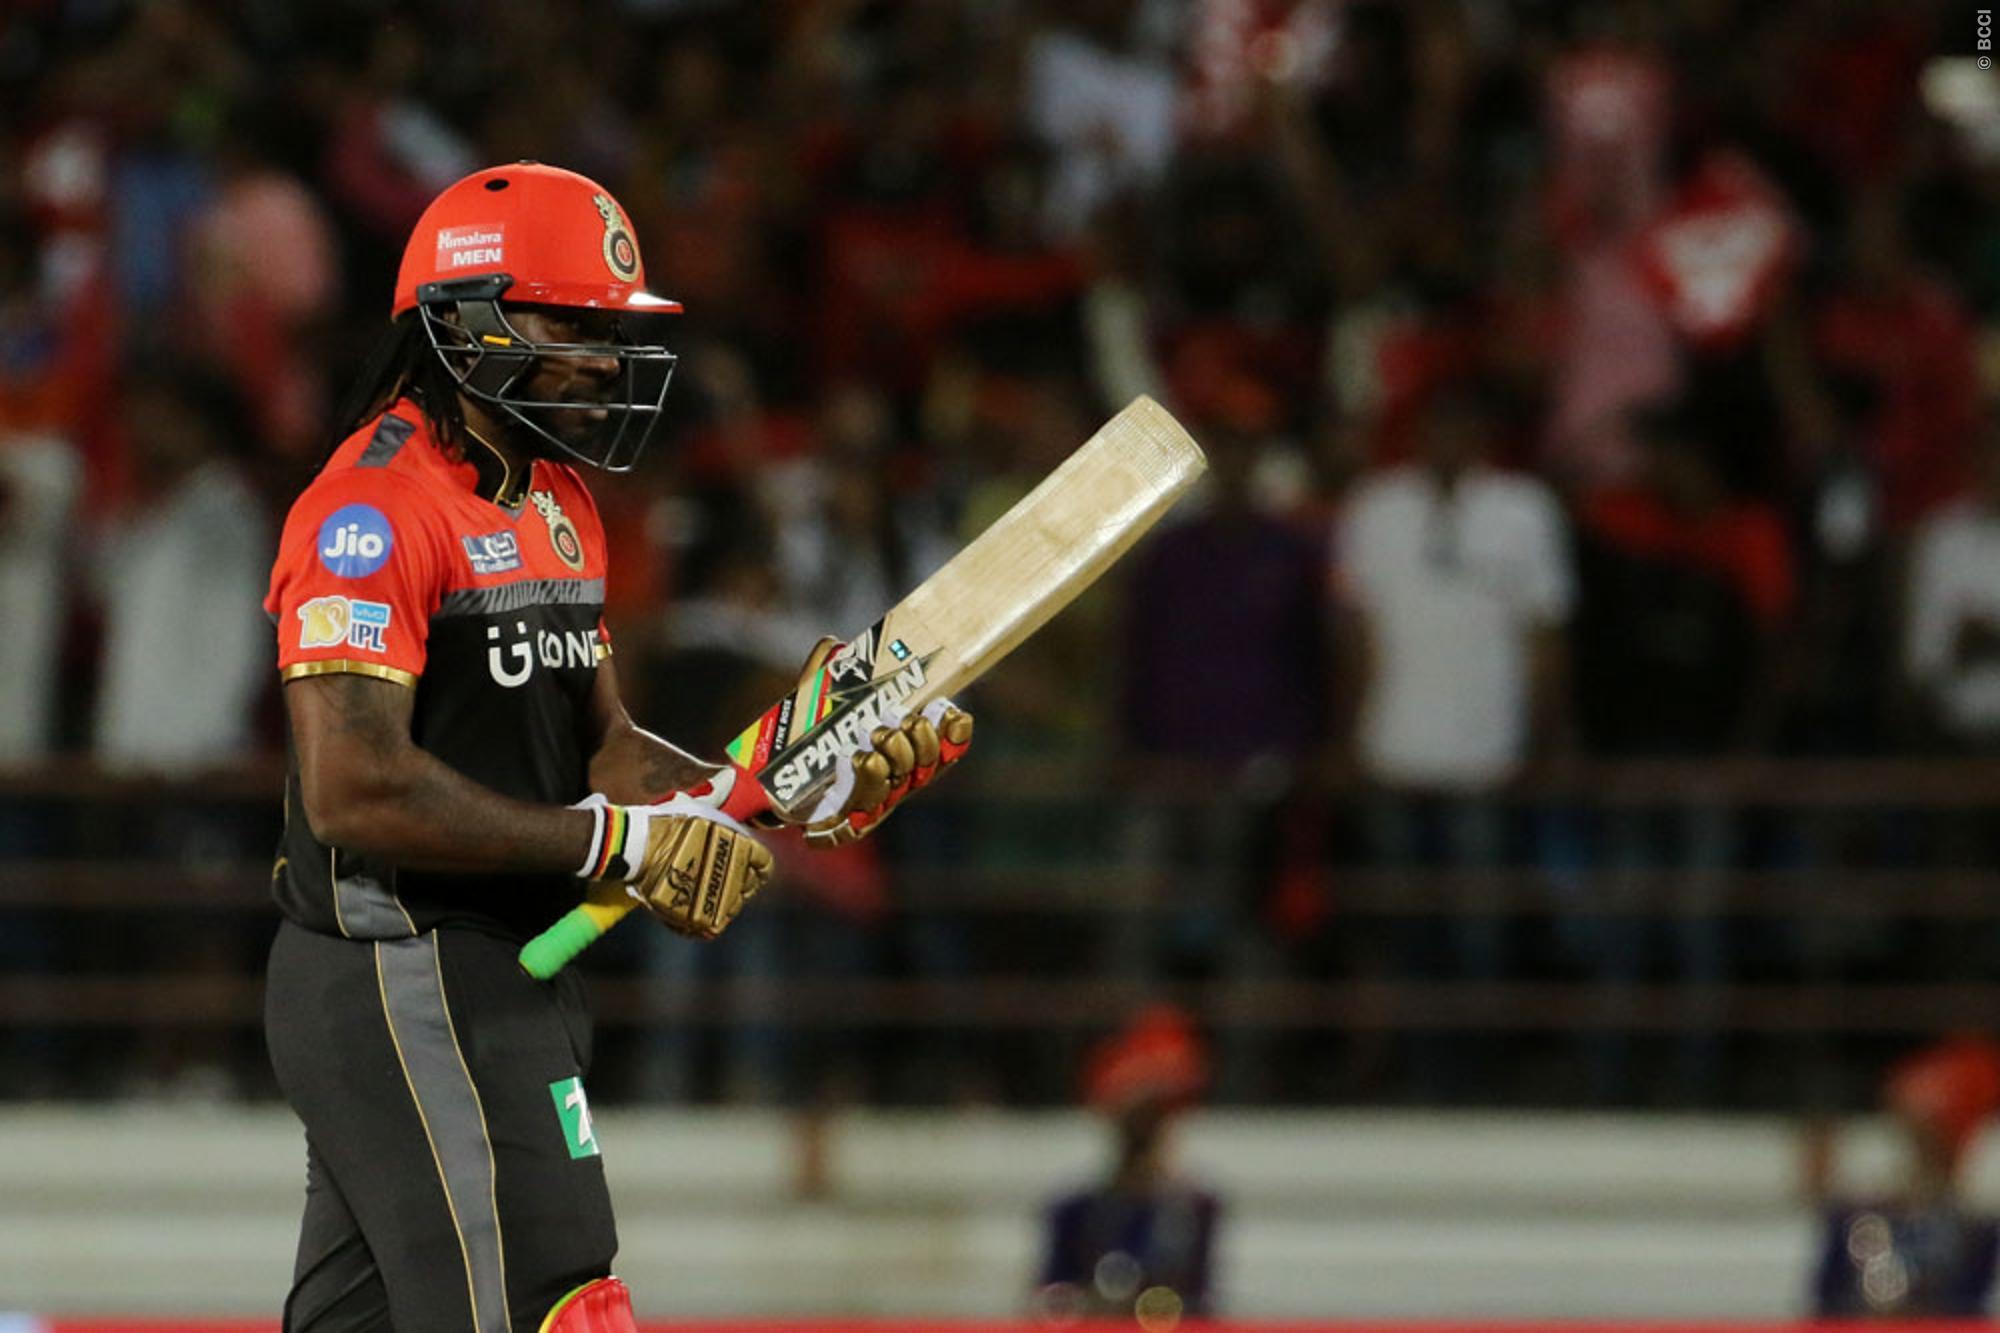 10,000 टी-20 रन बनाने के बाद भी इस भारतीय खिलाड़ी को वर्तमान समय का सर्वश्रेष्ठ बल्लेबाज मानते है गेल